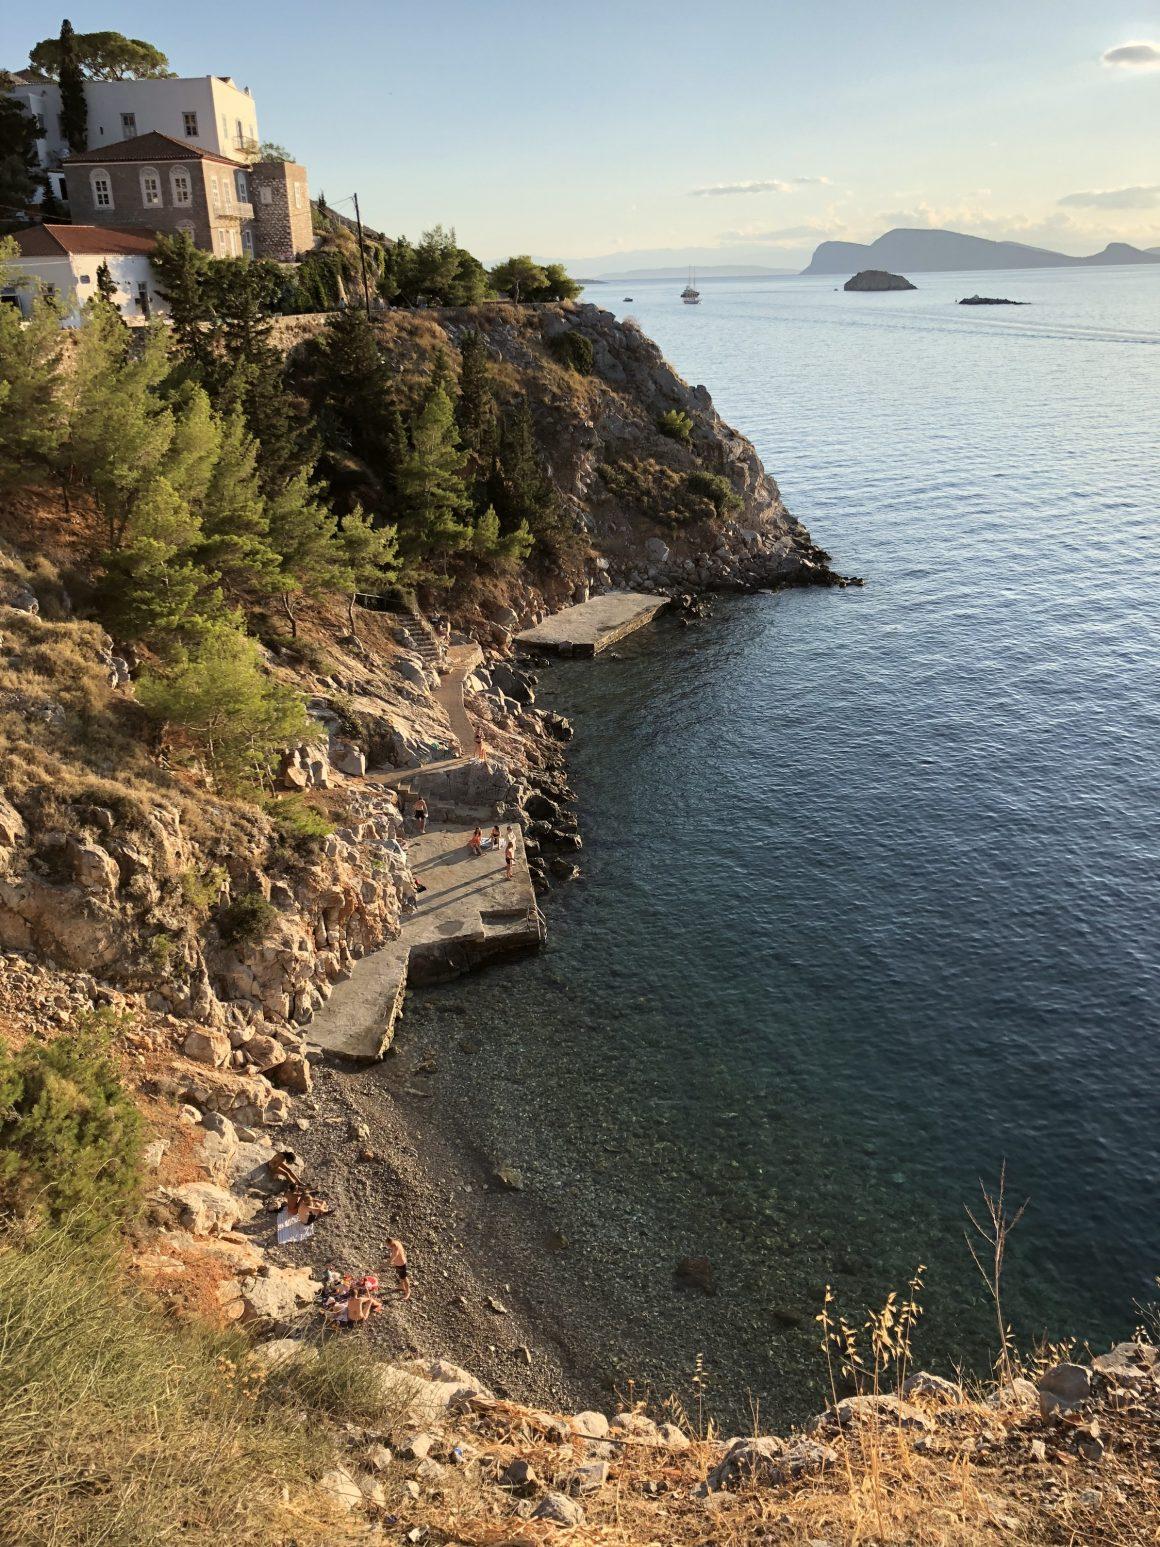 Une crique sur l'île Hydra en Grèce